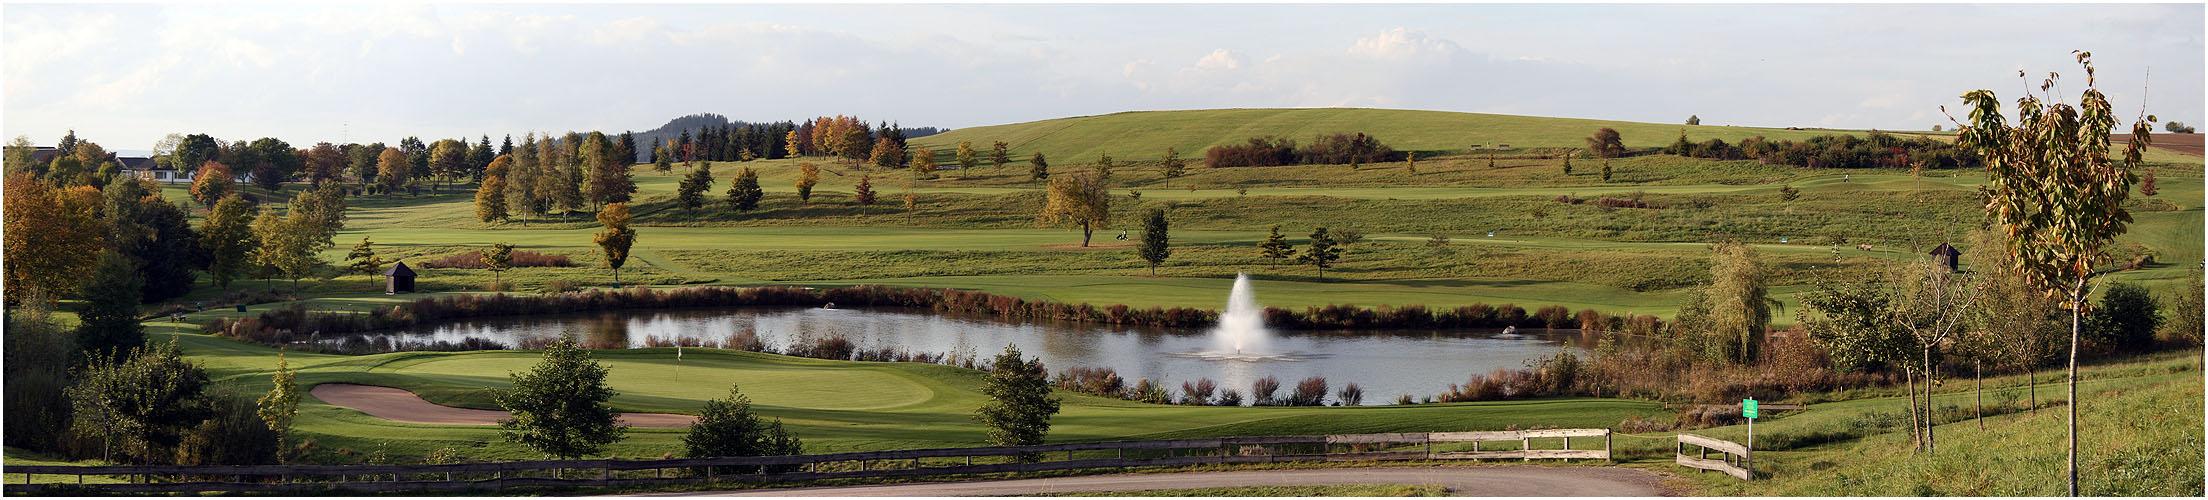 Öschberghof Golfplatz - Donaueschingen